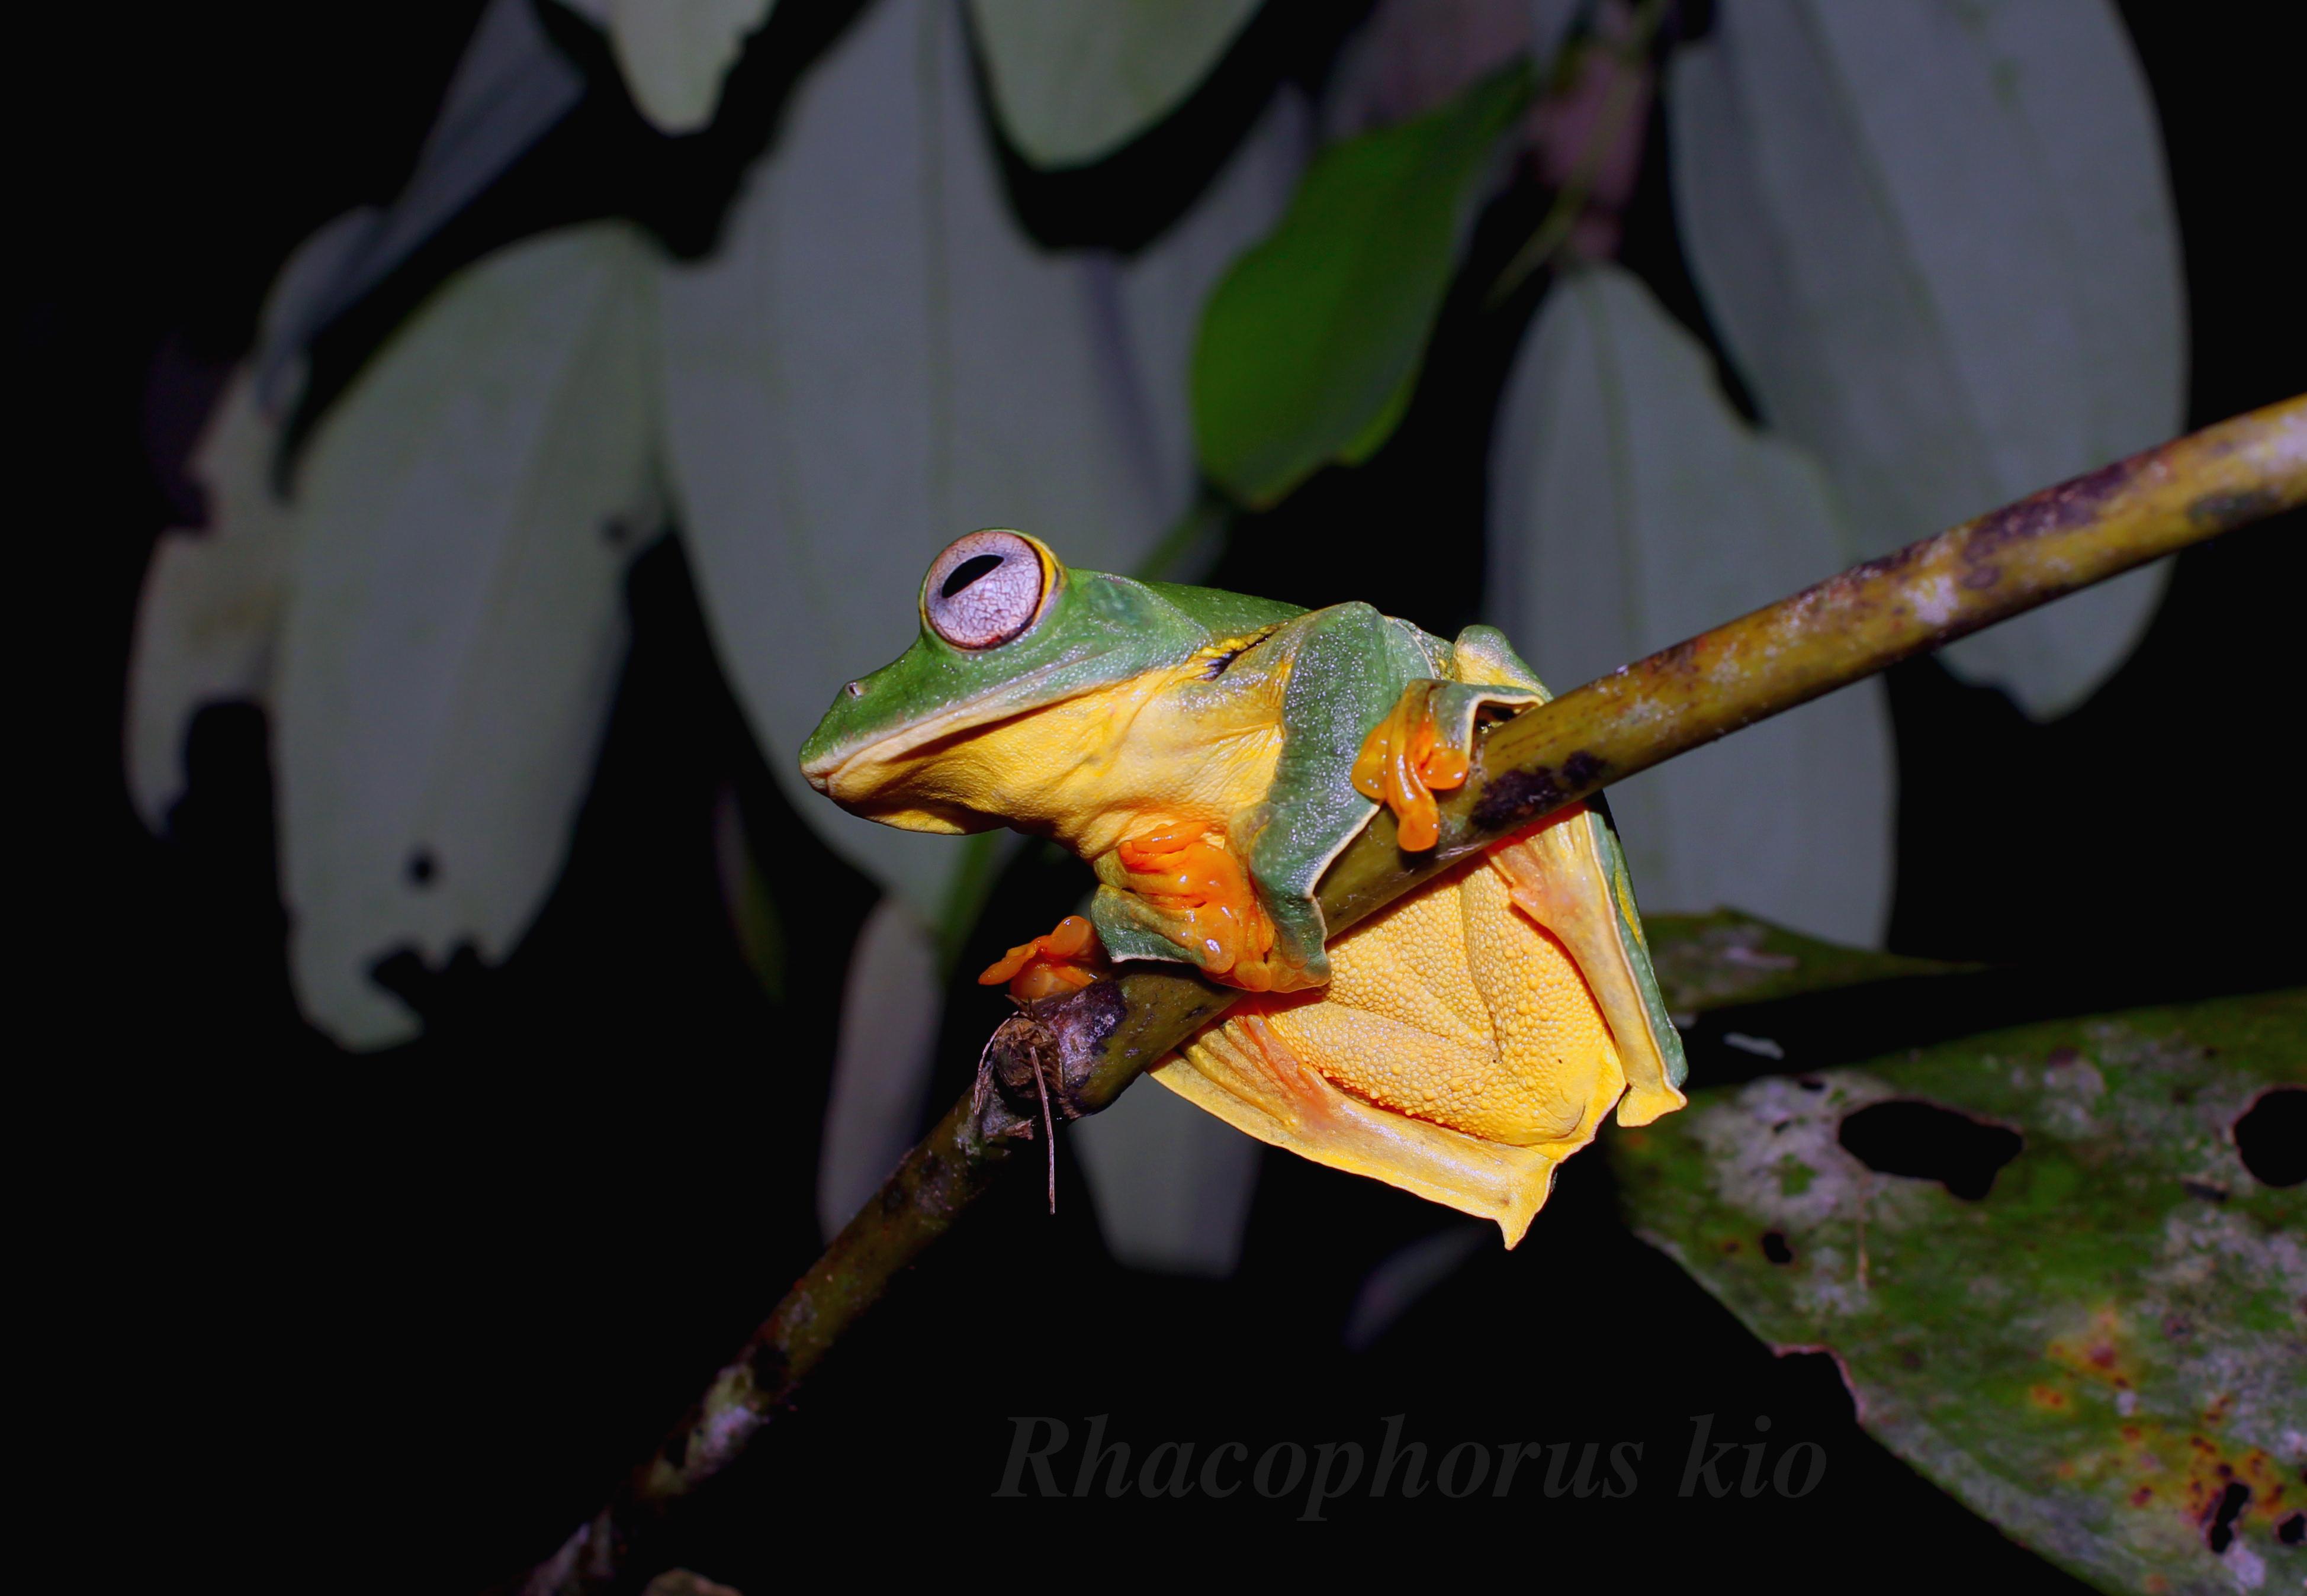 Đa dạng họ Ếch cây (Rhacophoridae) tại Vườn Quốc gia Vũ quang